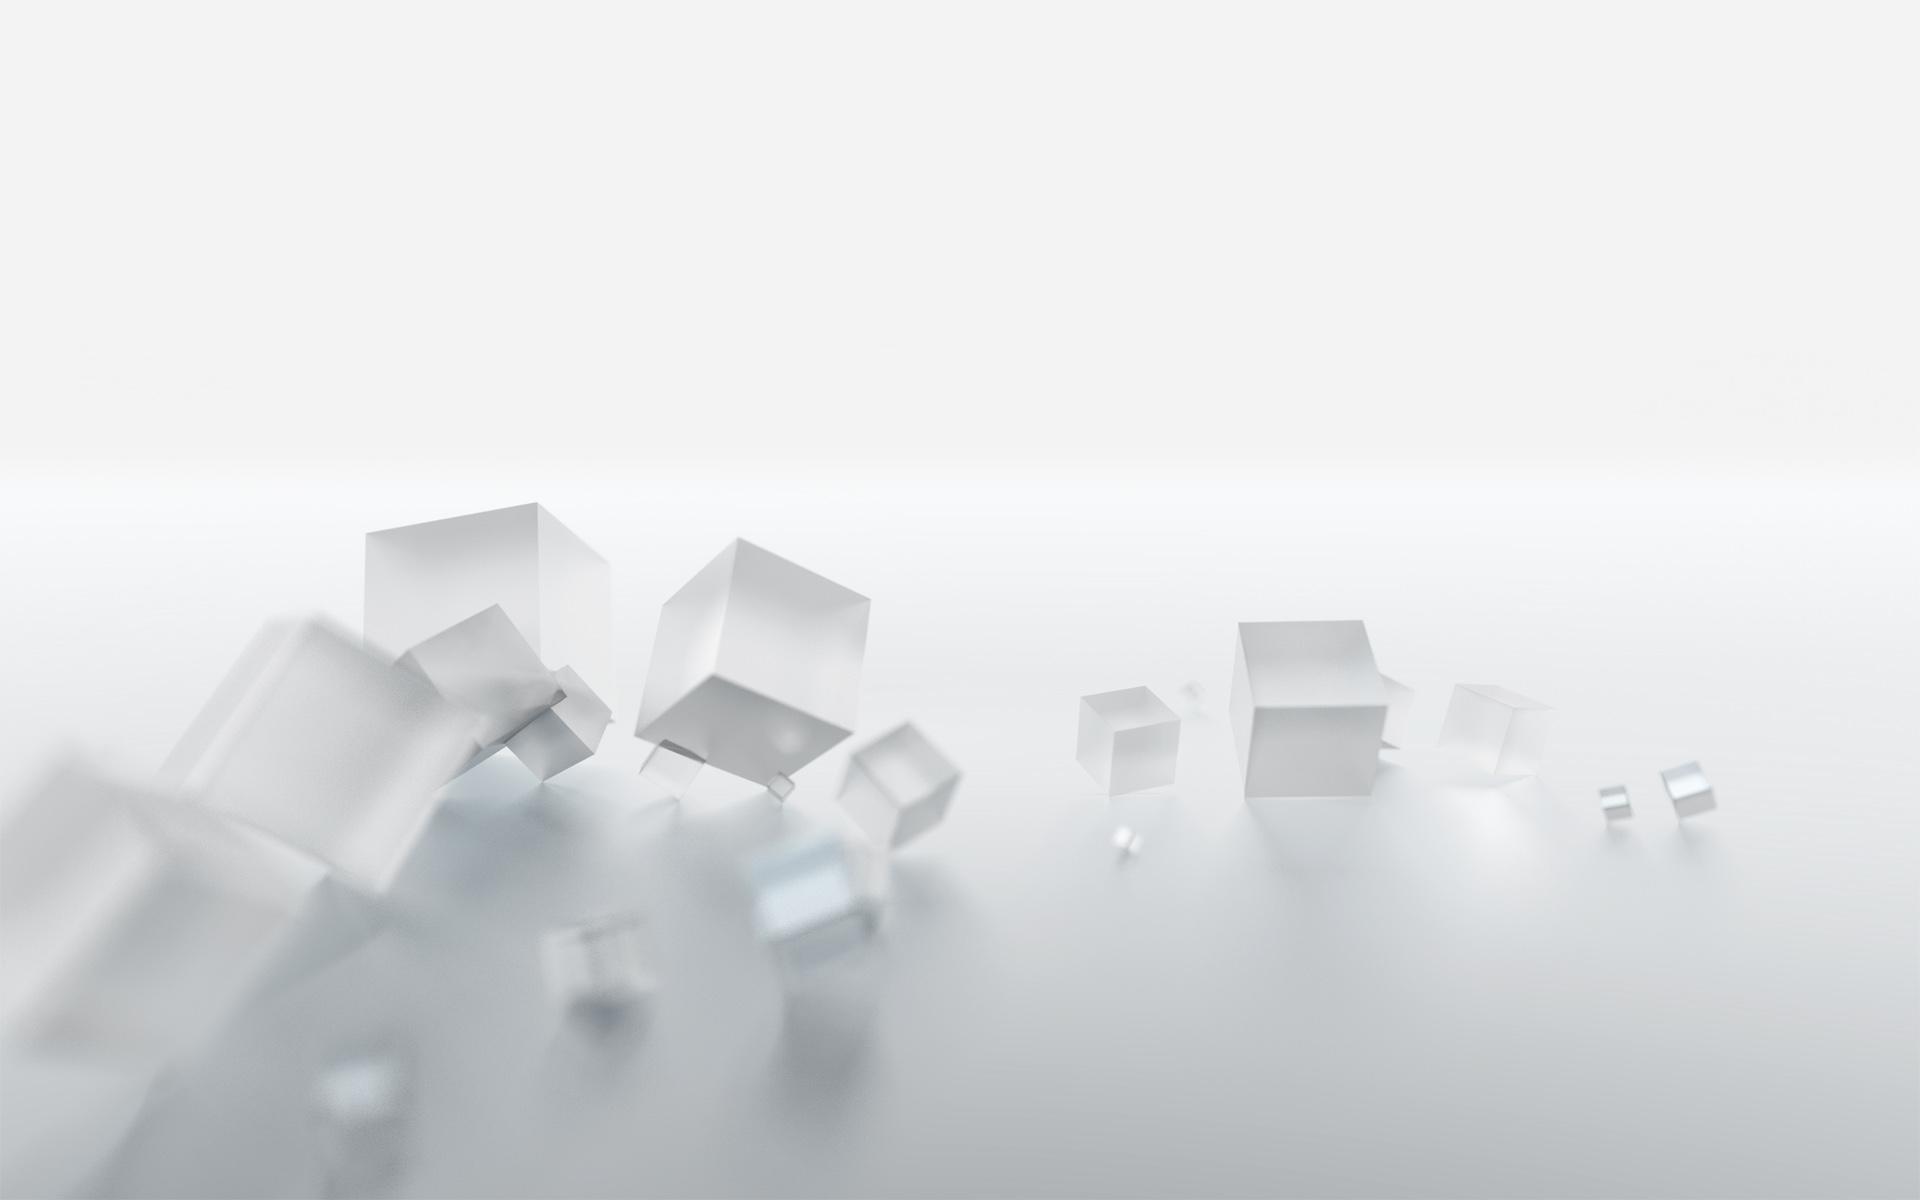 Hình nền trắng đẹp (67)